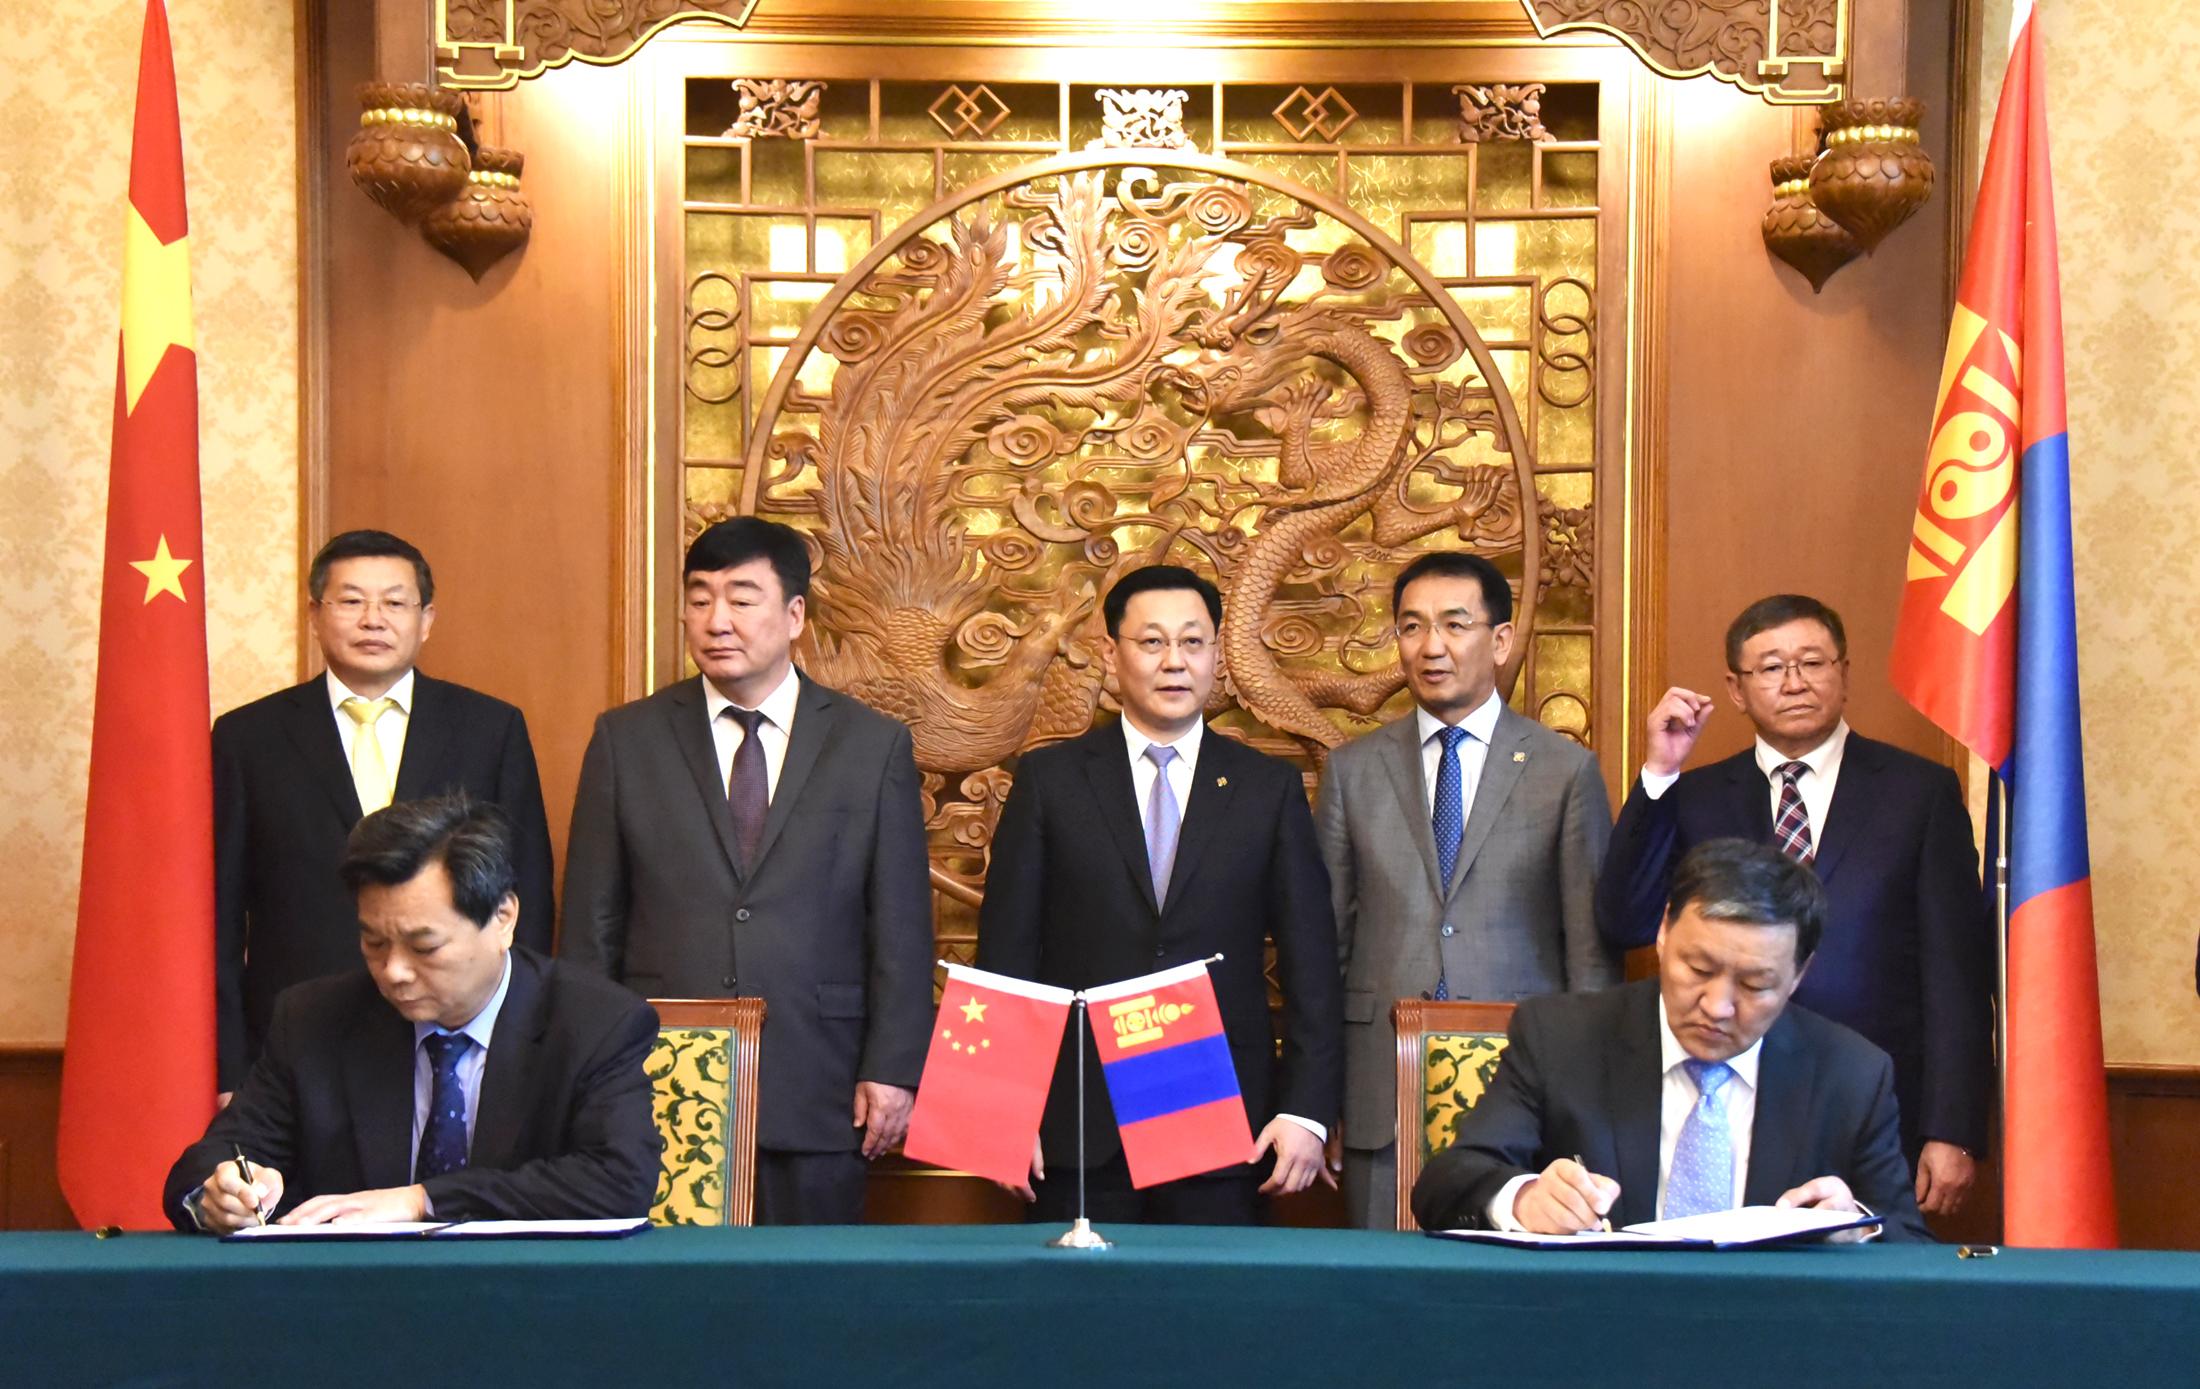 bd306a49f147445a680aa00ecd7f40cf Монгол Улсын Ерөнхий сайд Ж.Эрдэнэбат, БНХАУ-ын Төрийн Зөвлөлийн Ерөнхий сайд Ли Көчянтай нар албан ёсны хэлэлцээ хийв